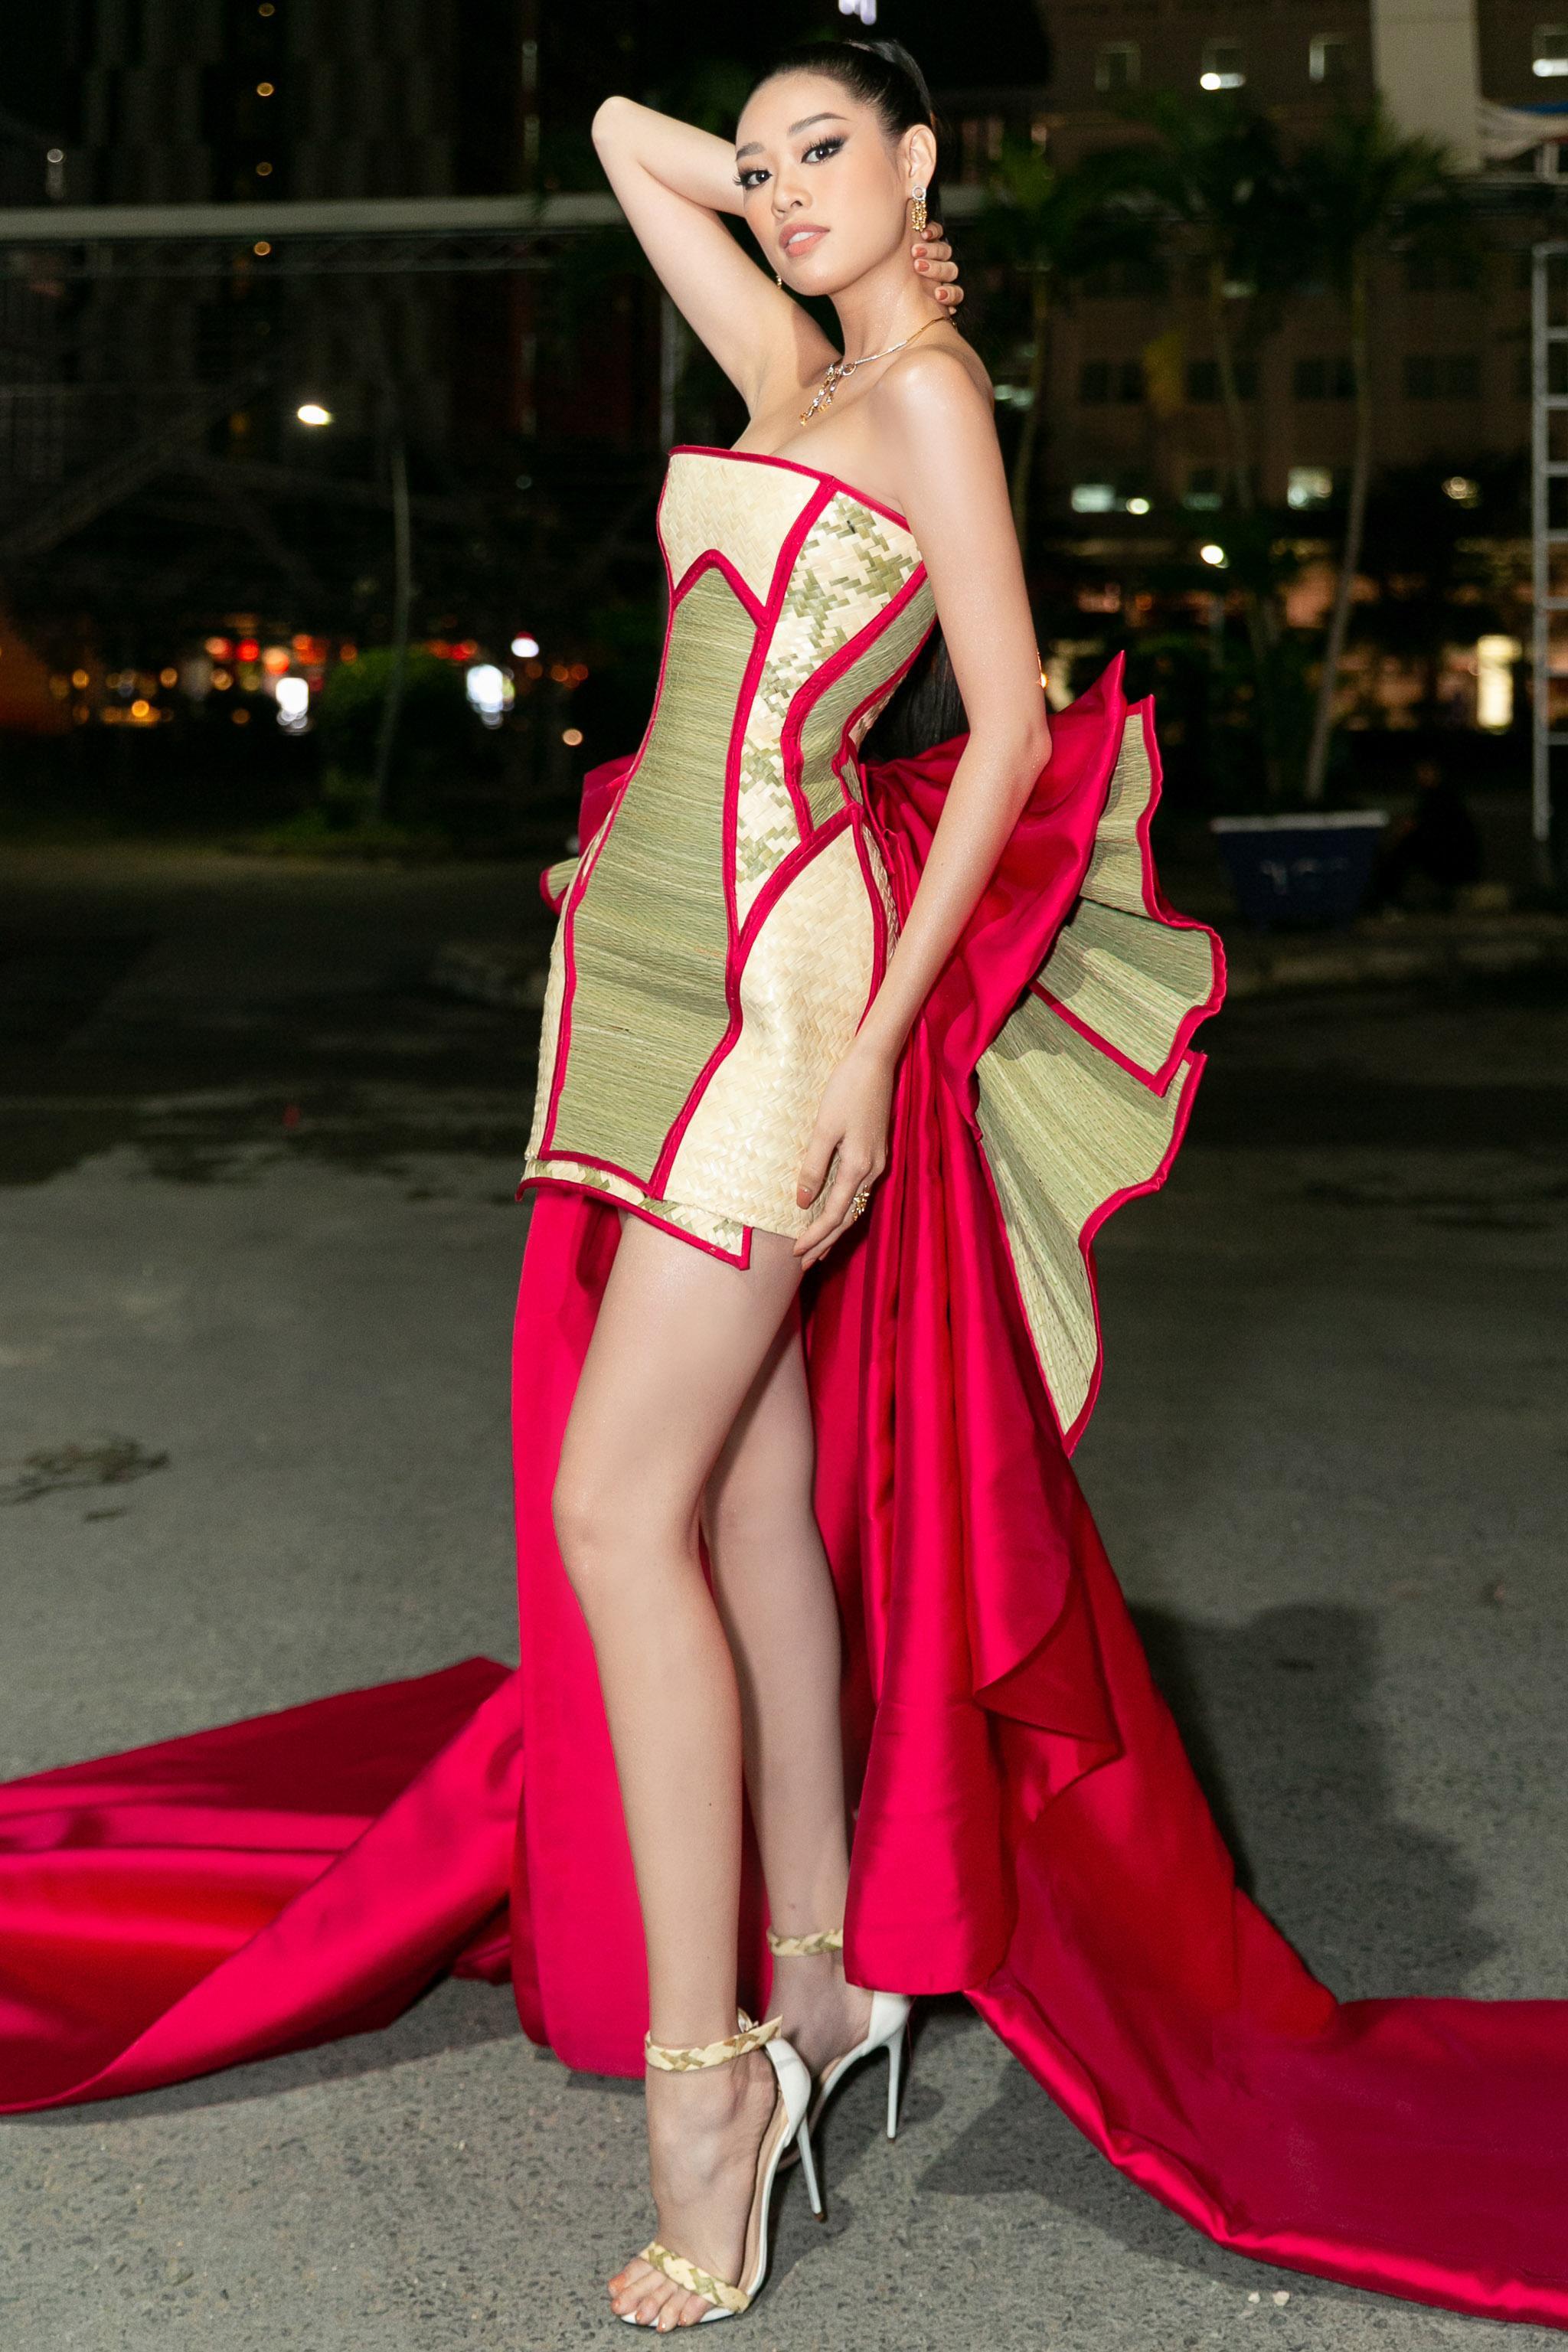 Bên cạnh đó, Hoa hậu Khánh Vân còn kết hợp cùng trang sức CAO fine jewellery với kiểu dáng họa tiết phù hợp với thông điệp, có giá trị hơn 400 triệu đồng.